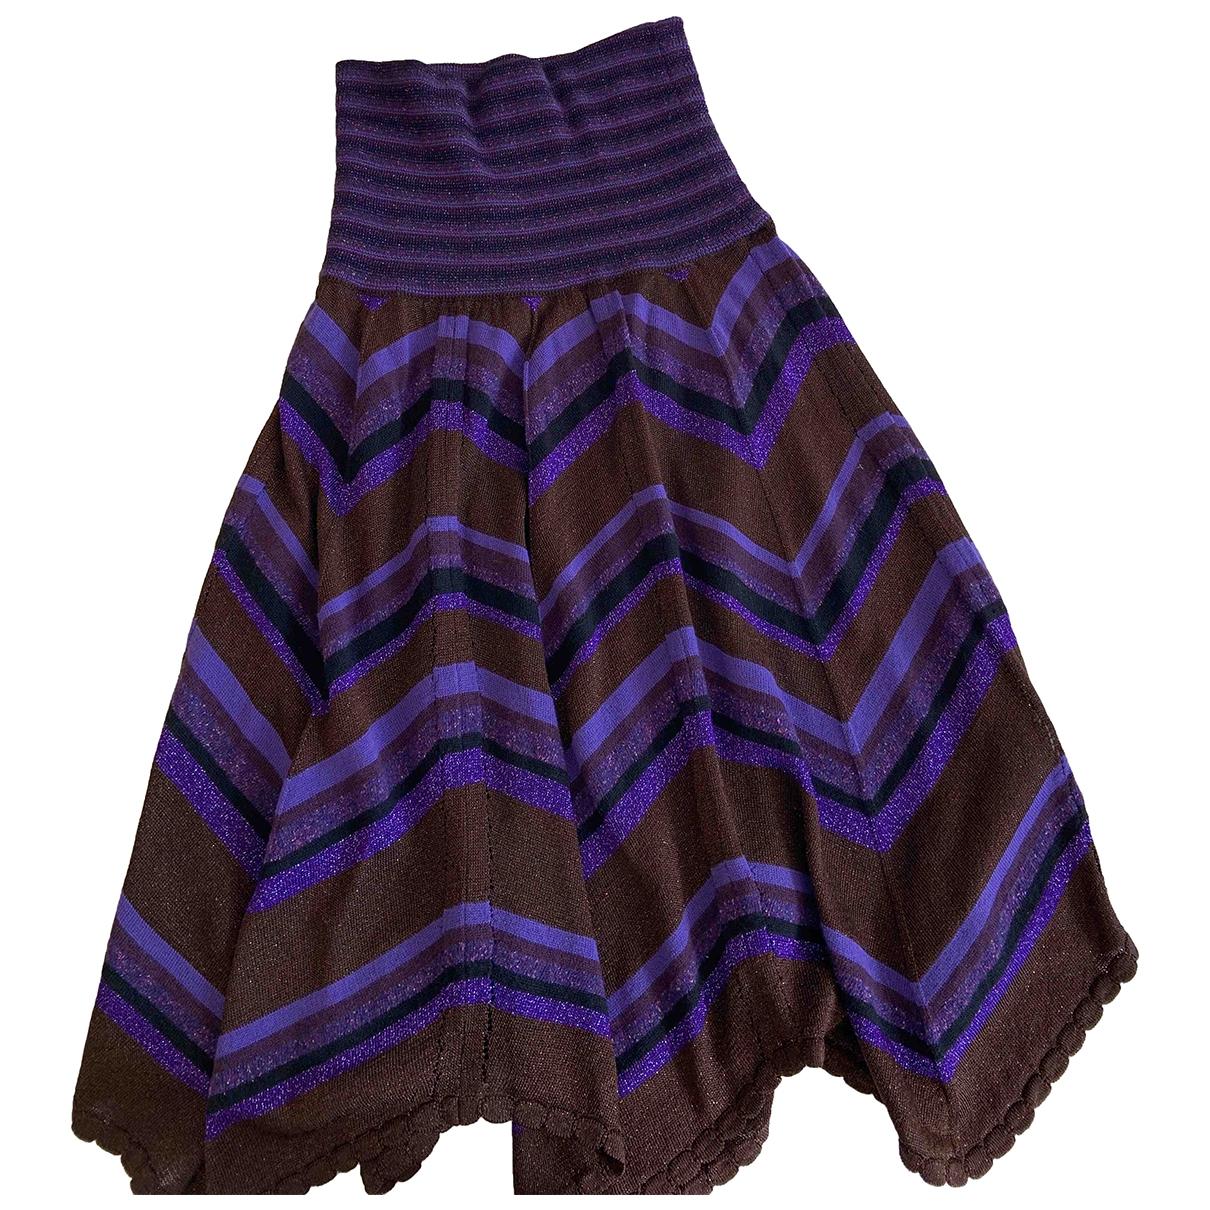 D&g - Jupe   pour femme en laine - violet